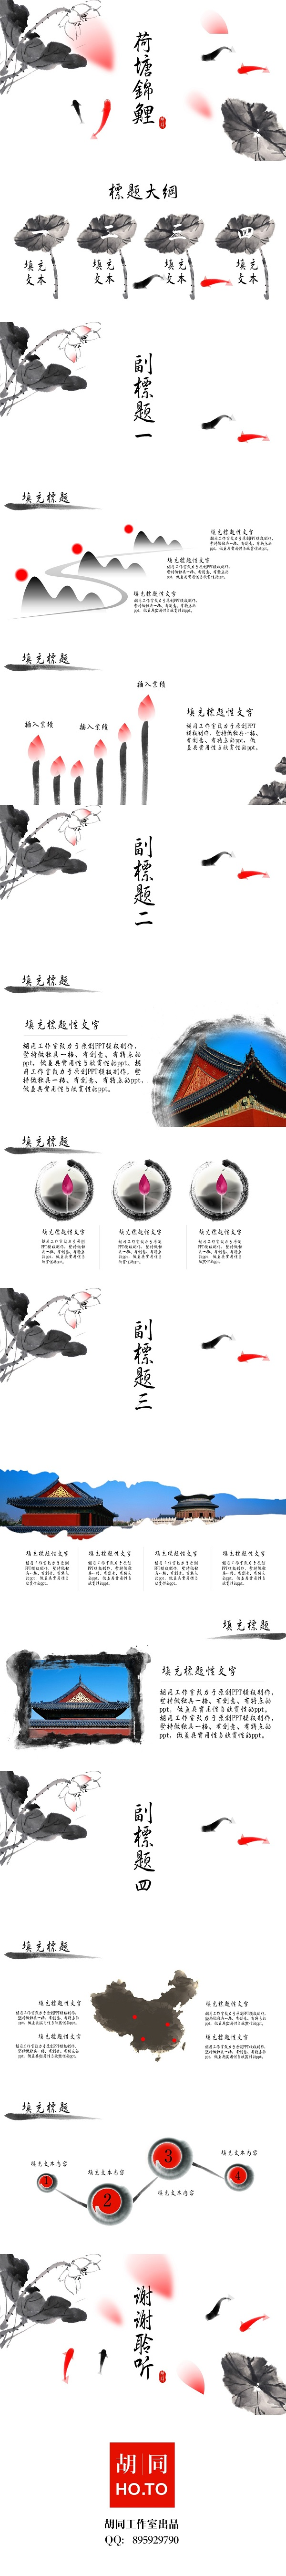 【唯美动画】胡同工作室2015动态ppt模板——荷塘锦鲤